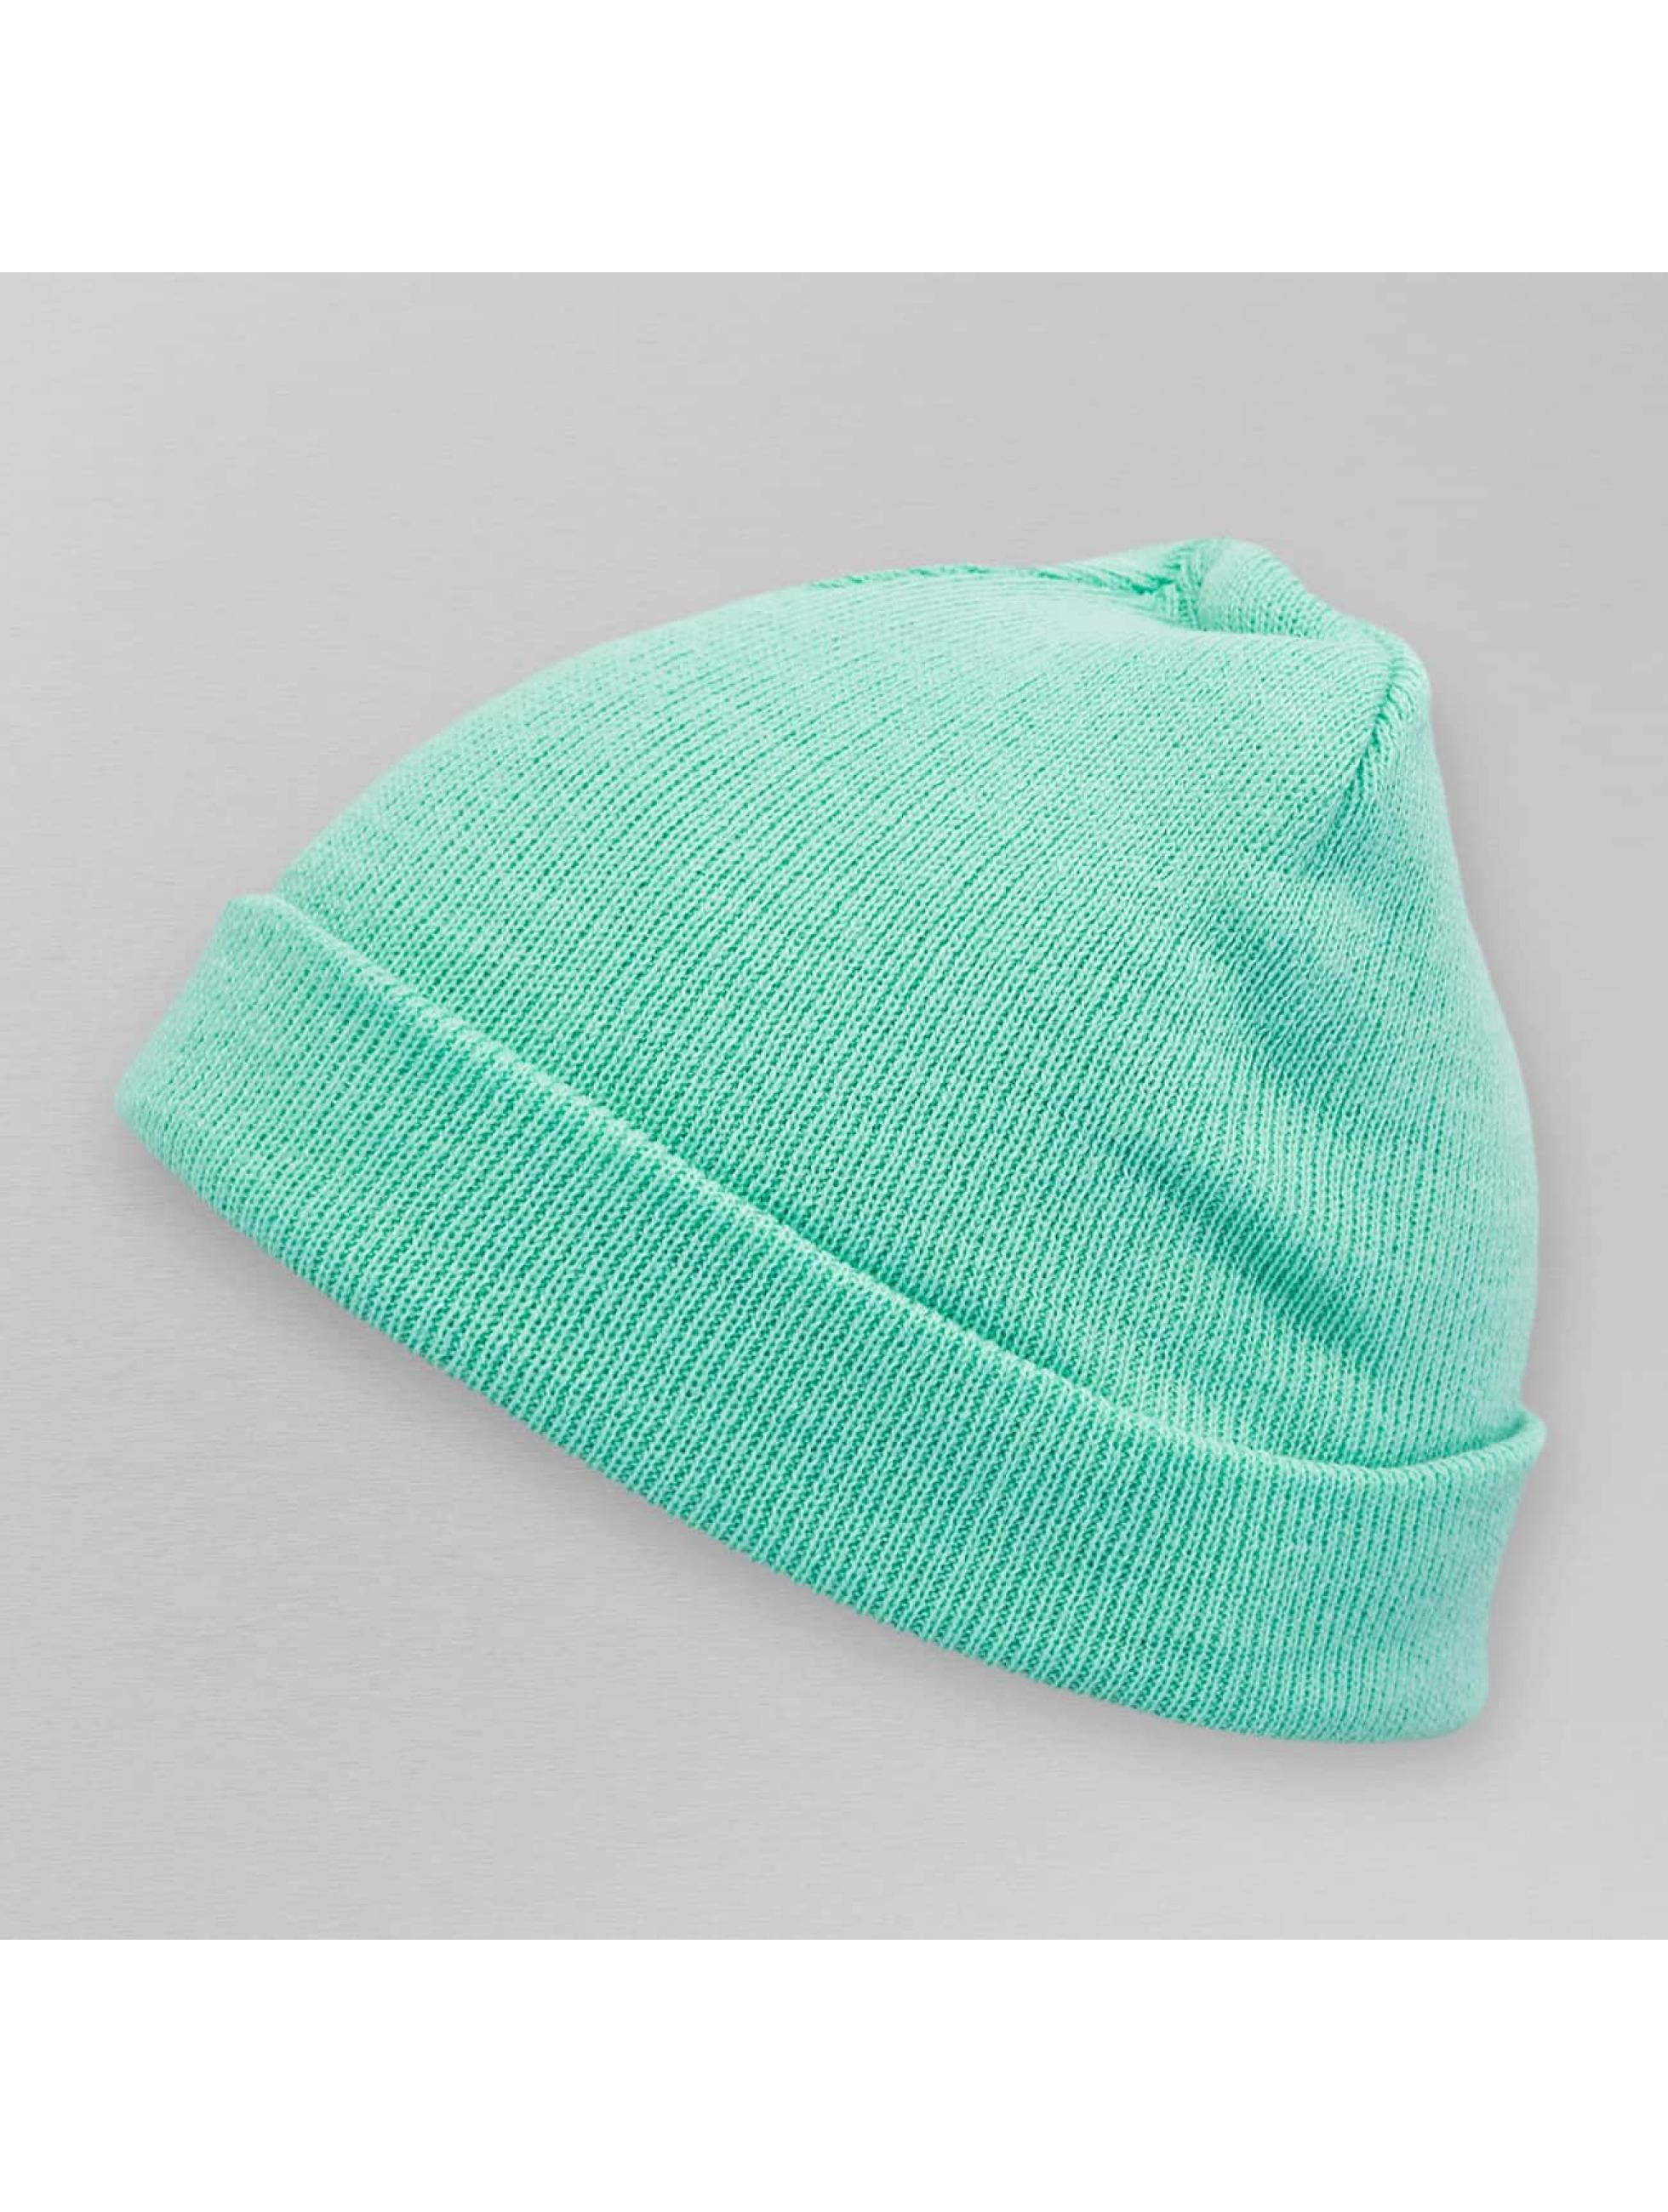 MSTRDS шляпа Pastel Basic Flap зеленый